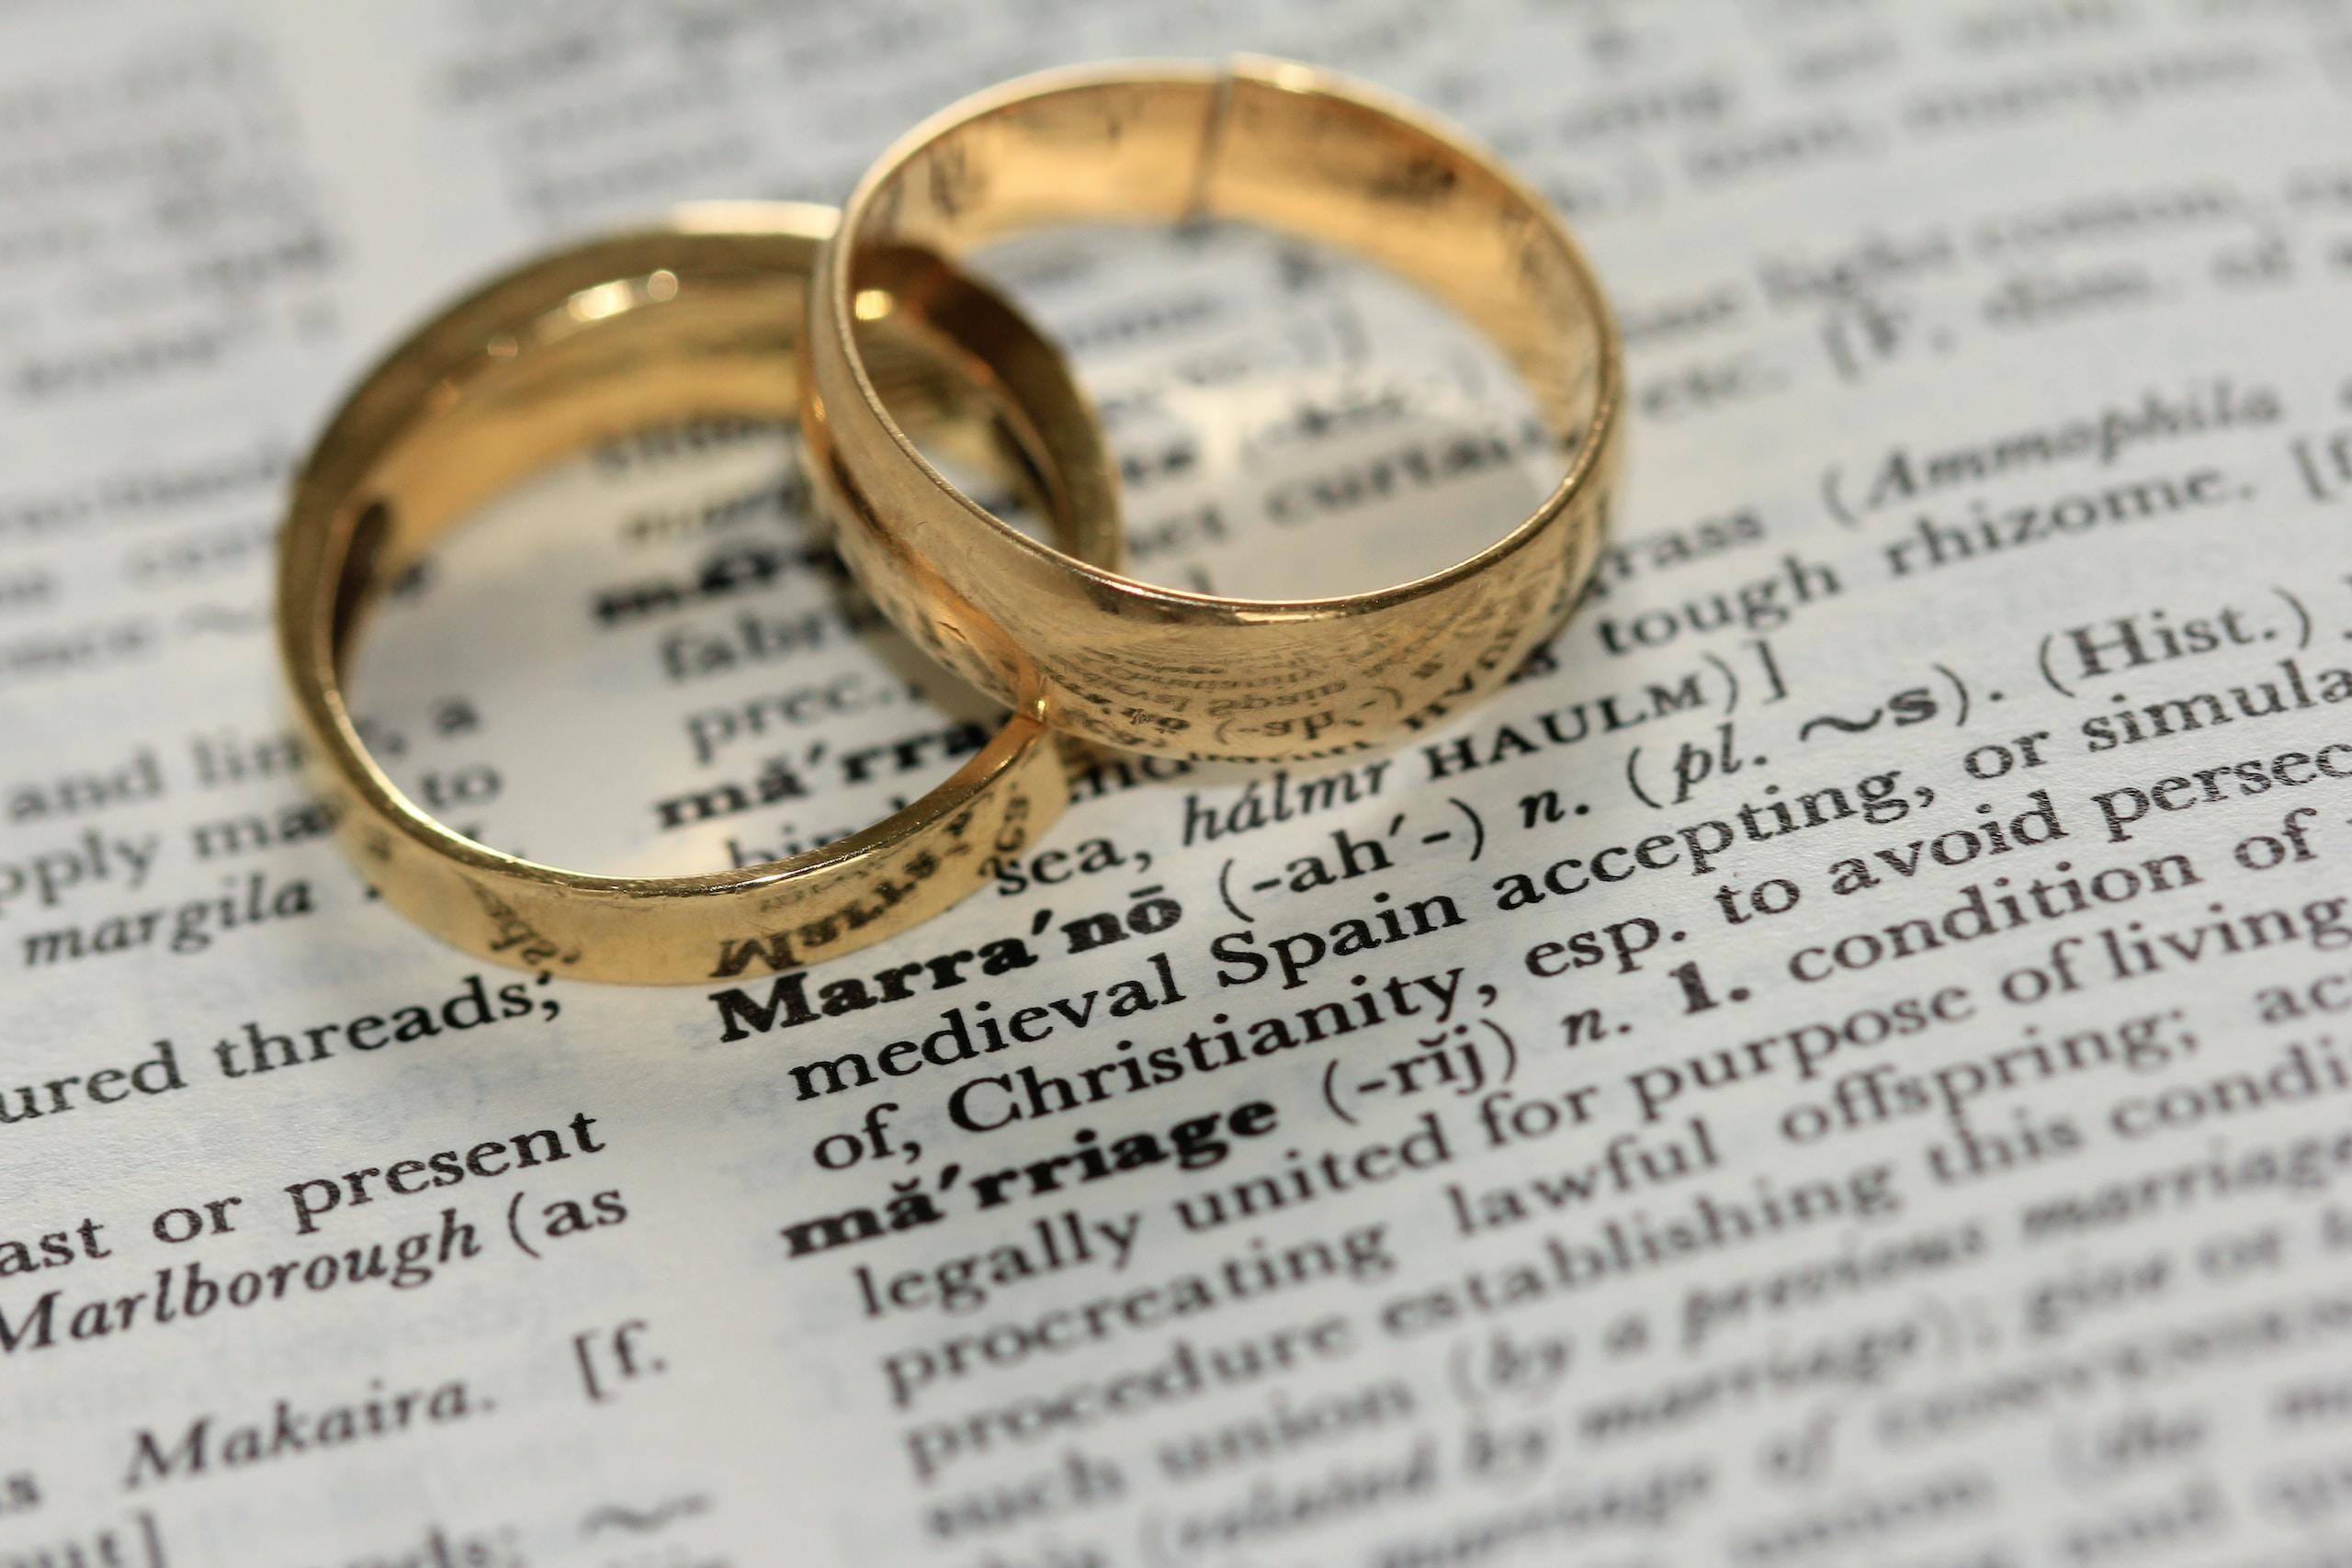 sermon on the mount marriage